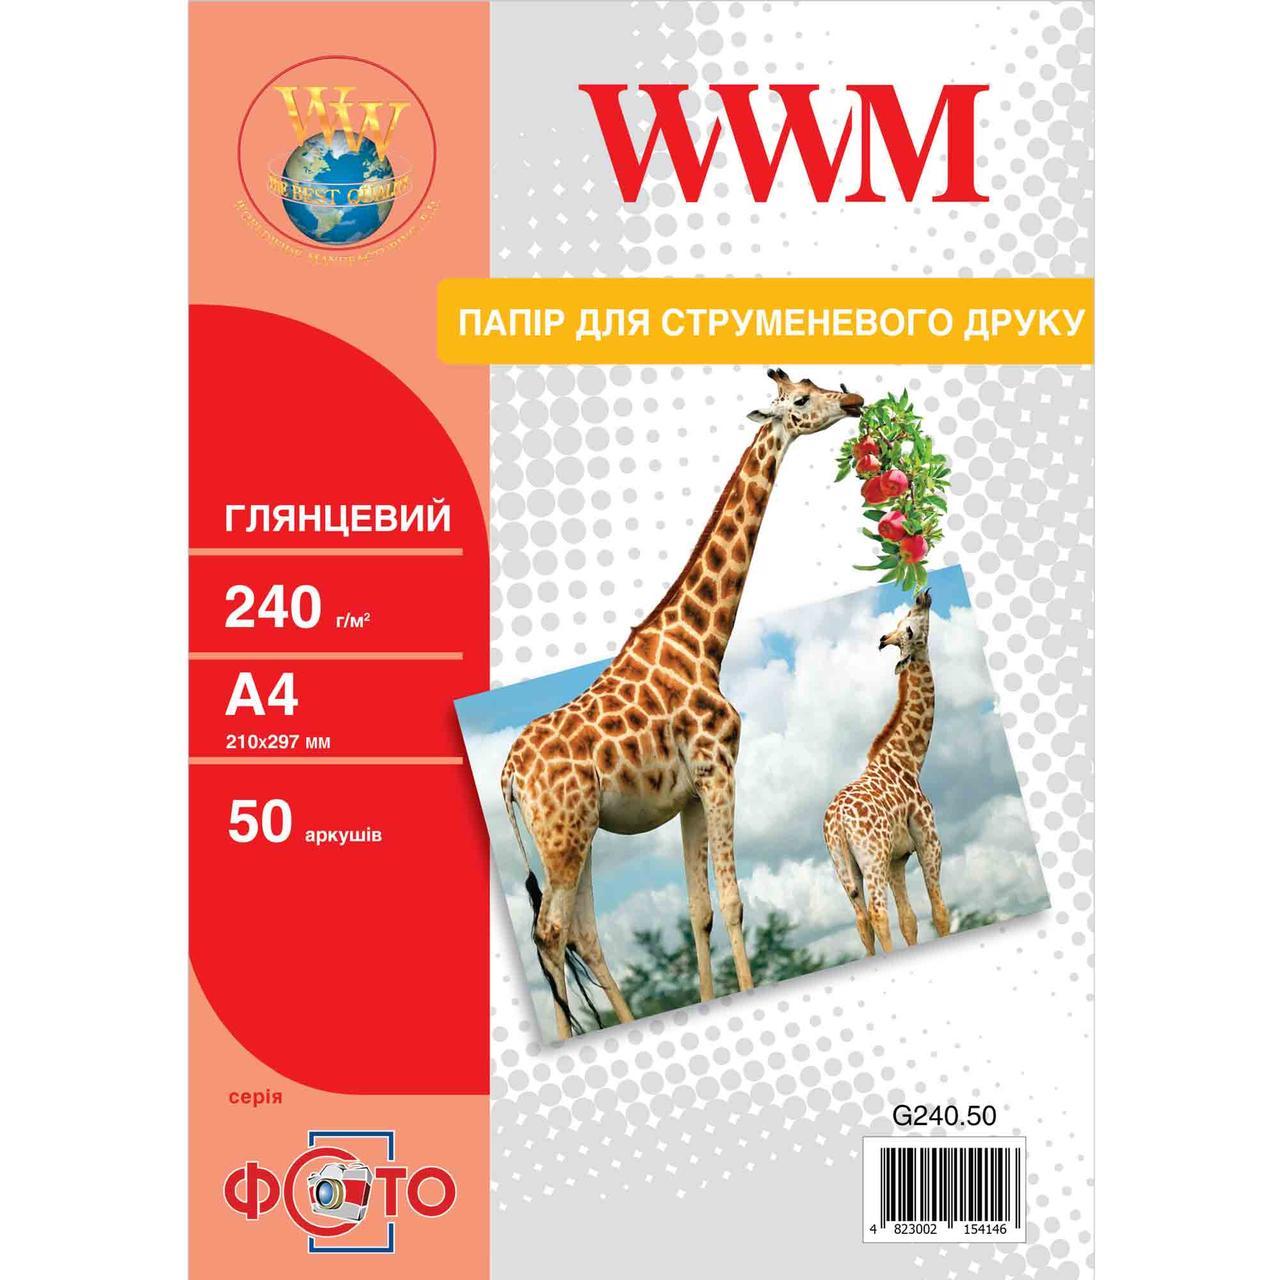 Фотобумага High White WWM глянцевая 240г/м кв, A4, 50л (G240.50)